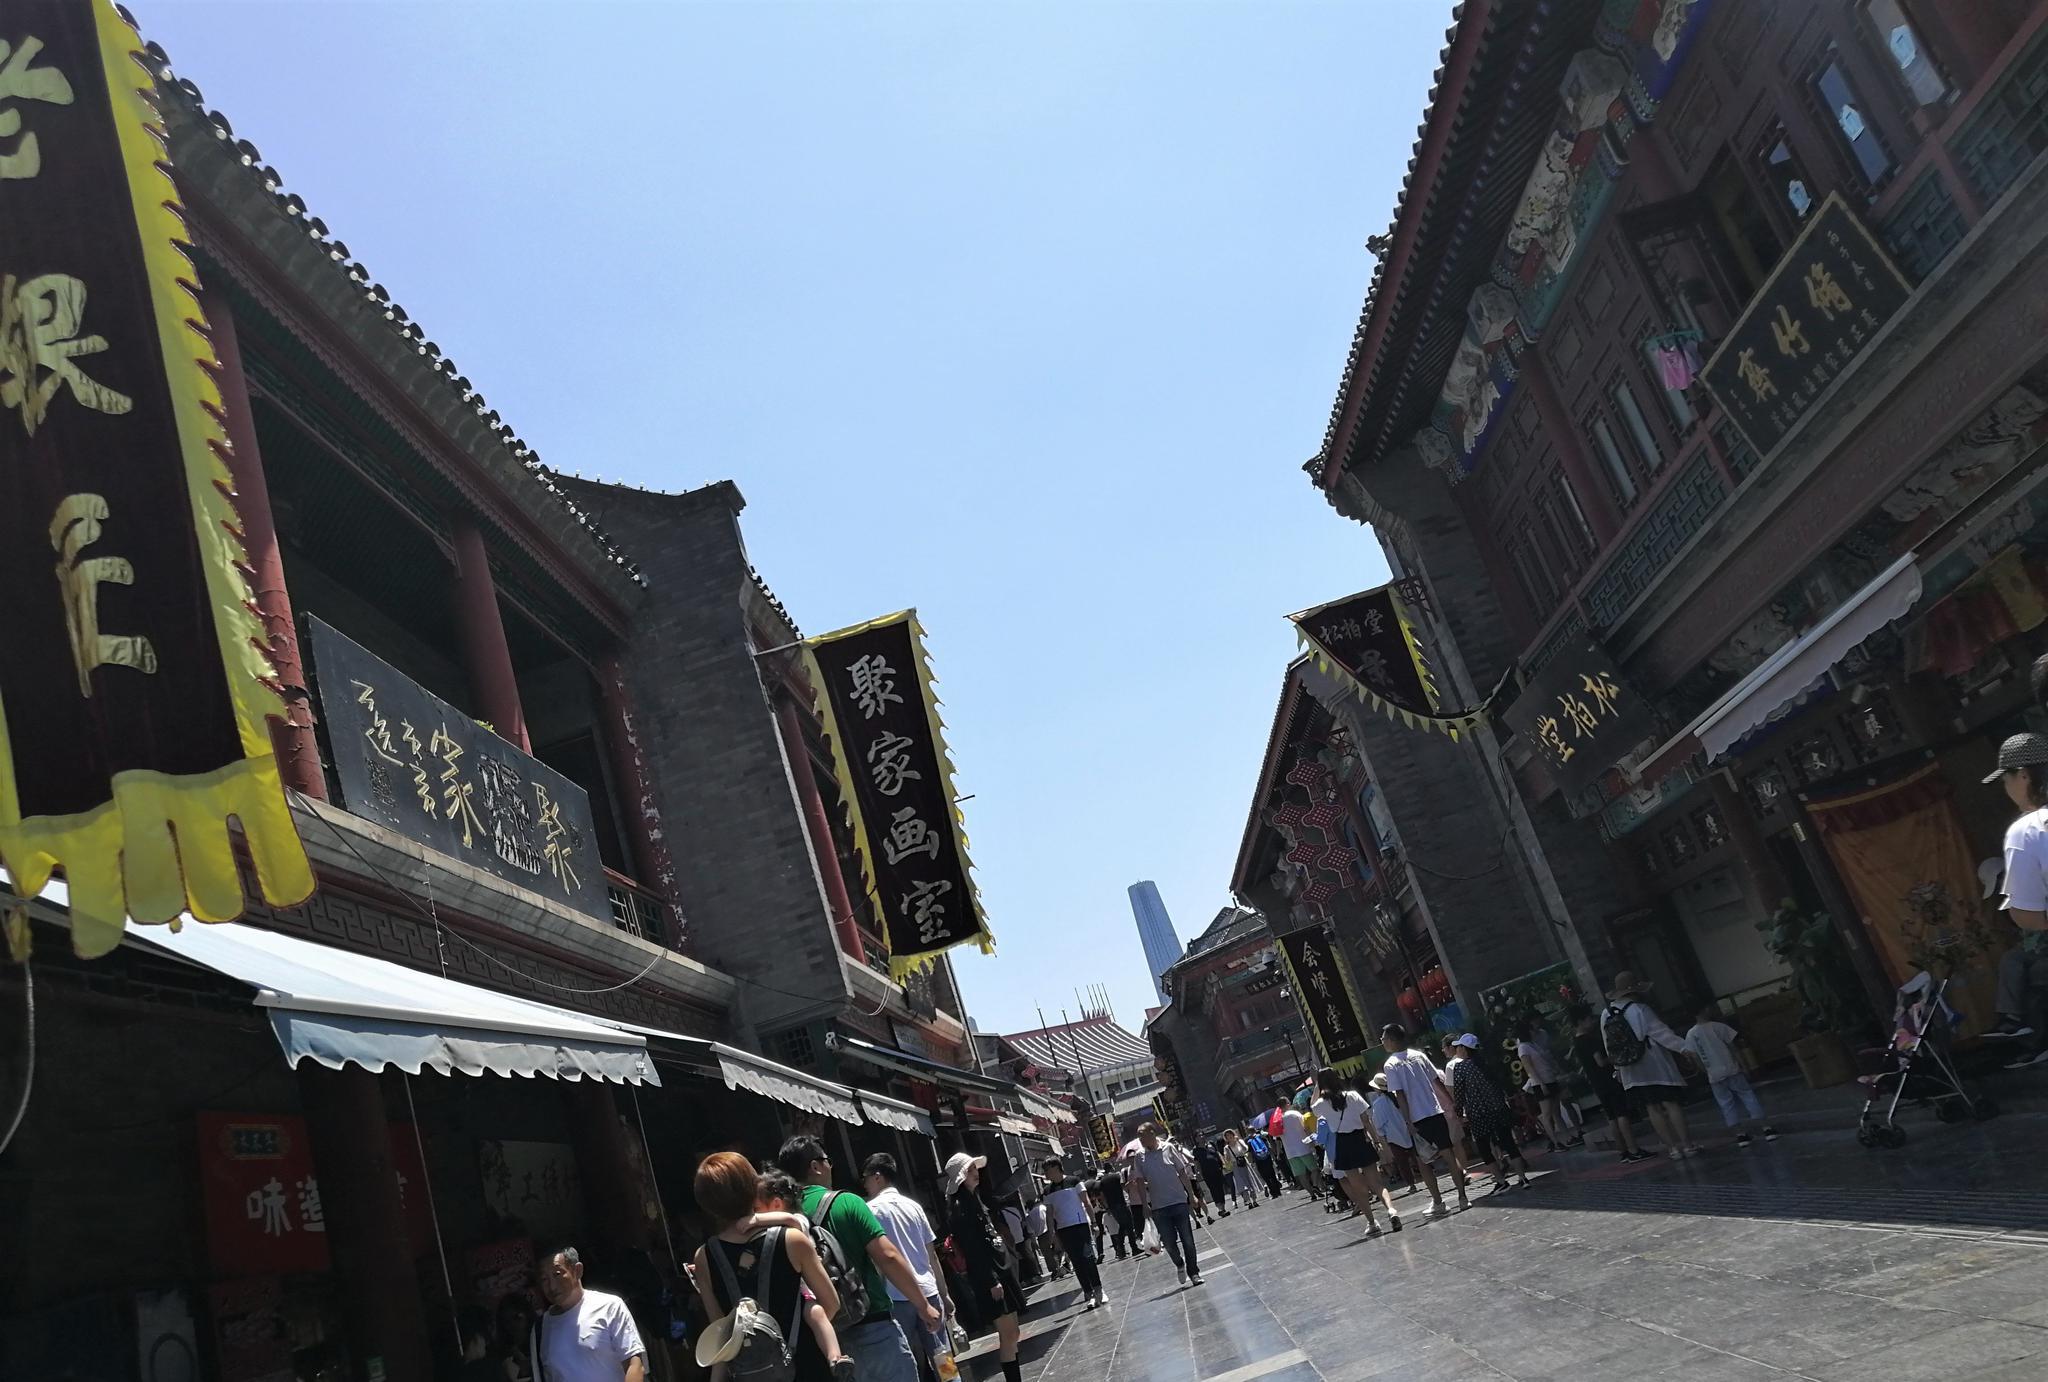 端午节天气炎热,天津古文化街依旧吸引多个旅游团前来打卡